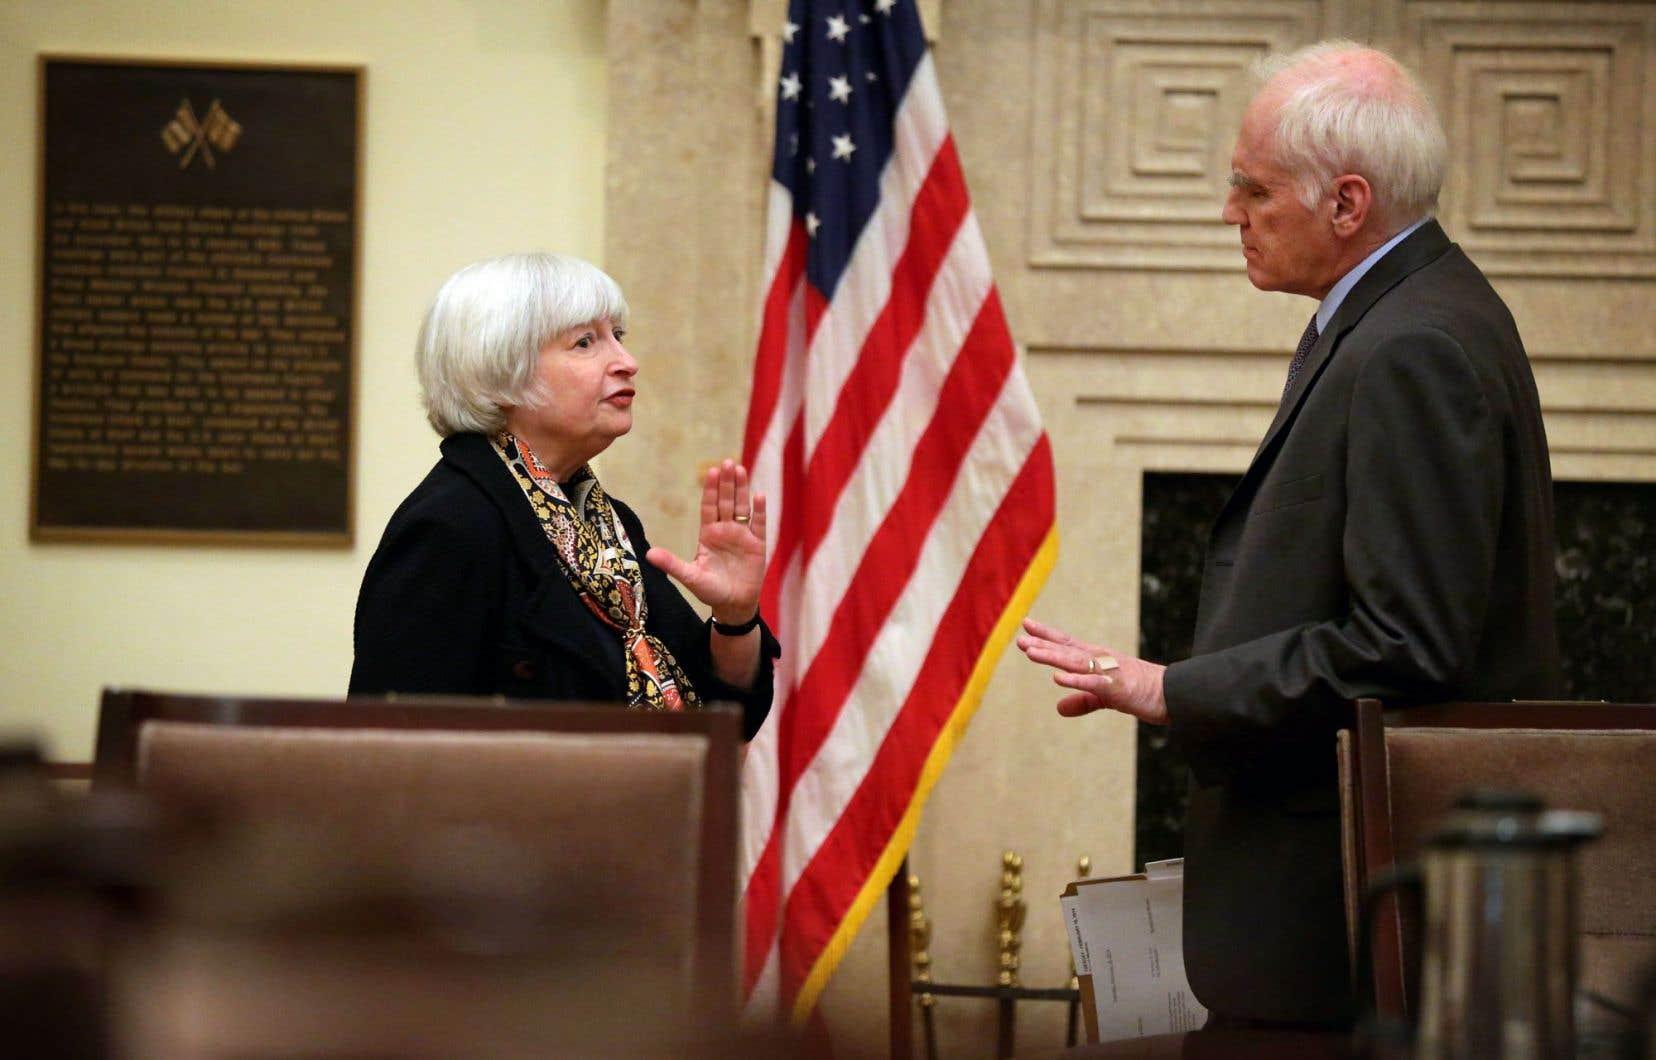 La présidente de la Fed, Janet Yellen, en discussion avec le gouverneur Daniel Tarullo, qui a recommandé publiquement la patience pour ce qui est du relèvement des taux.